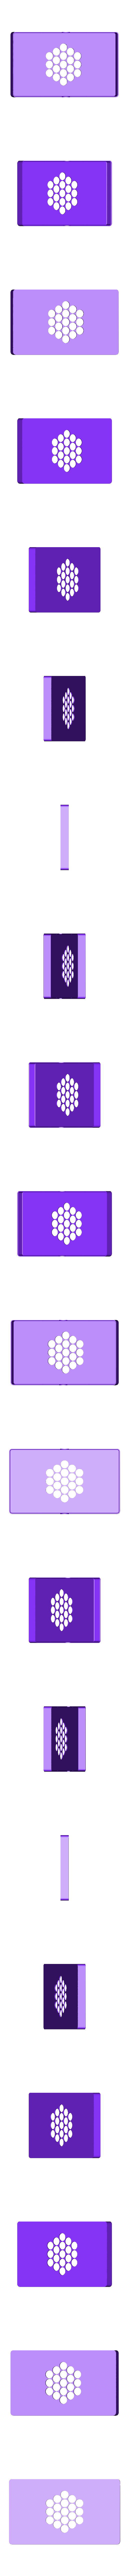 carrom_box_top.stl Télécharger fichier STL gratuit Boîte de stockage de Carrom • Modèle imprimable en 3D, jp_math